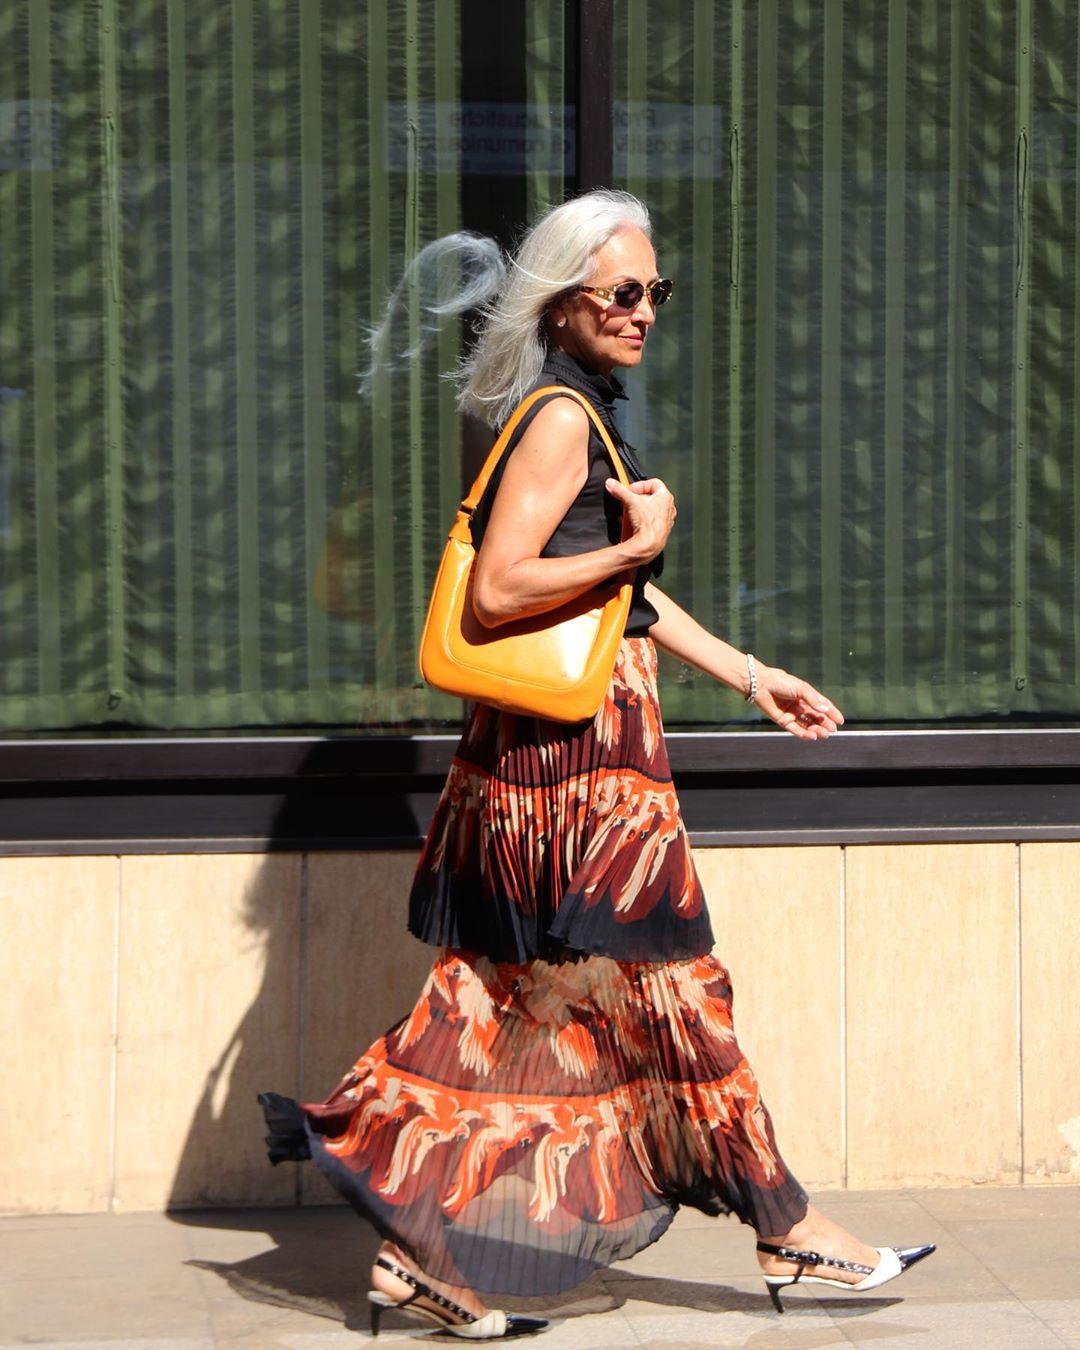 mujer andando por la calle